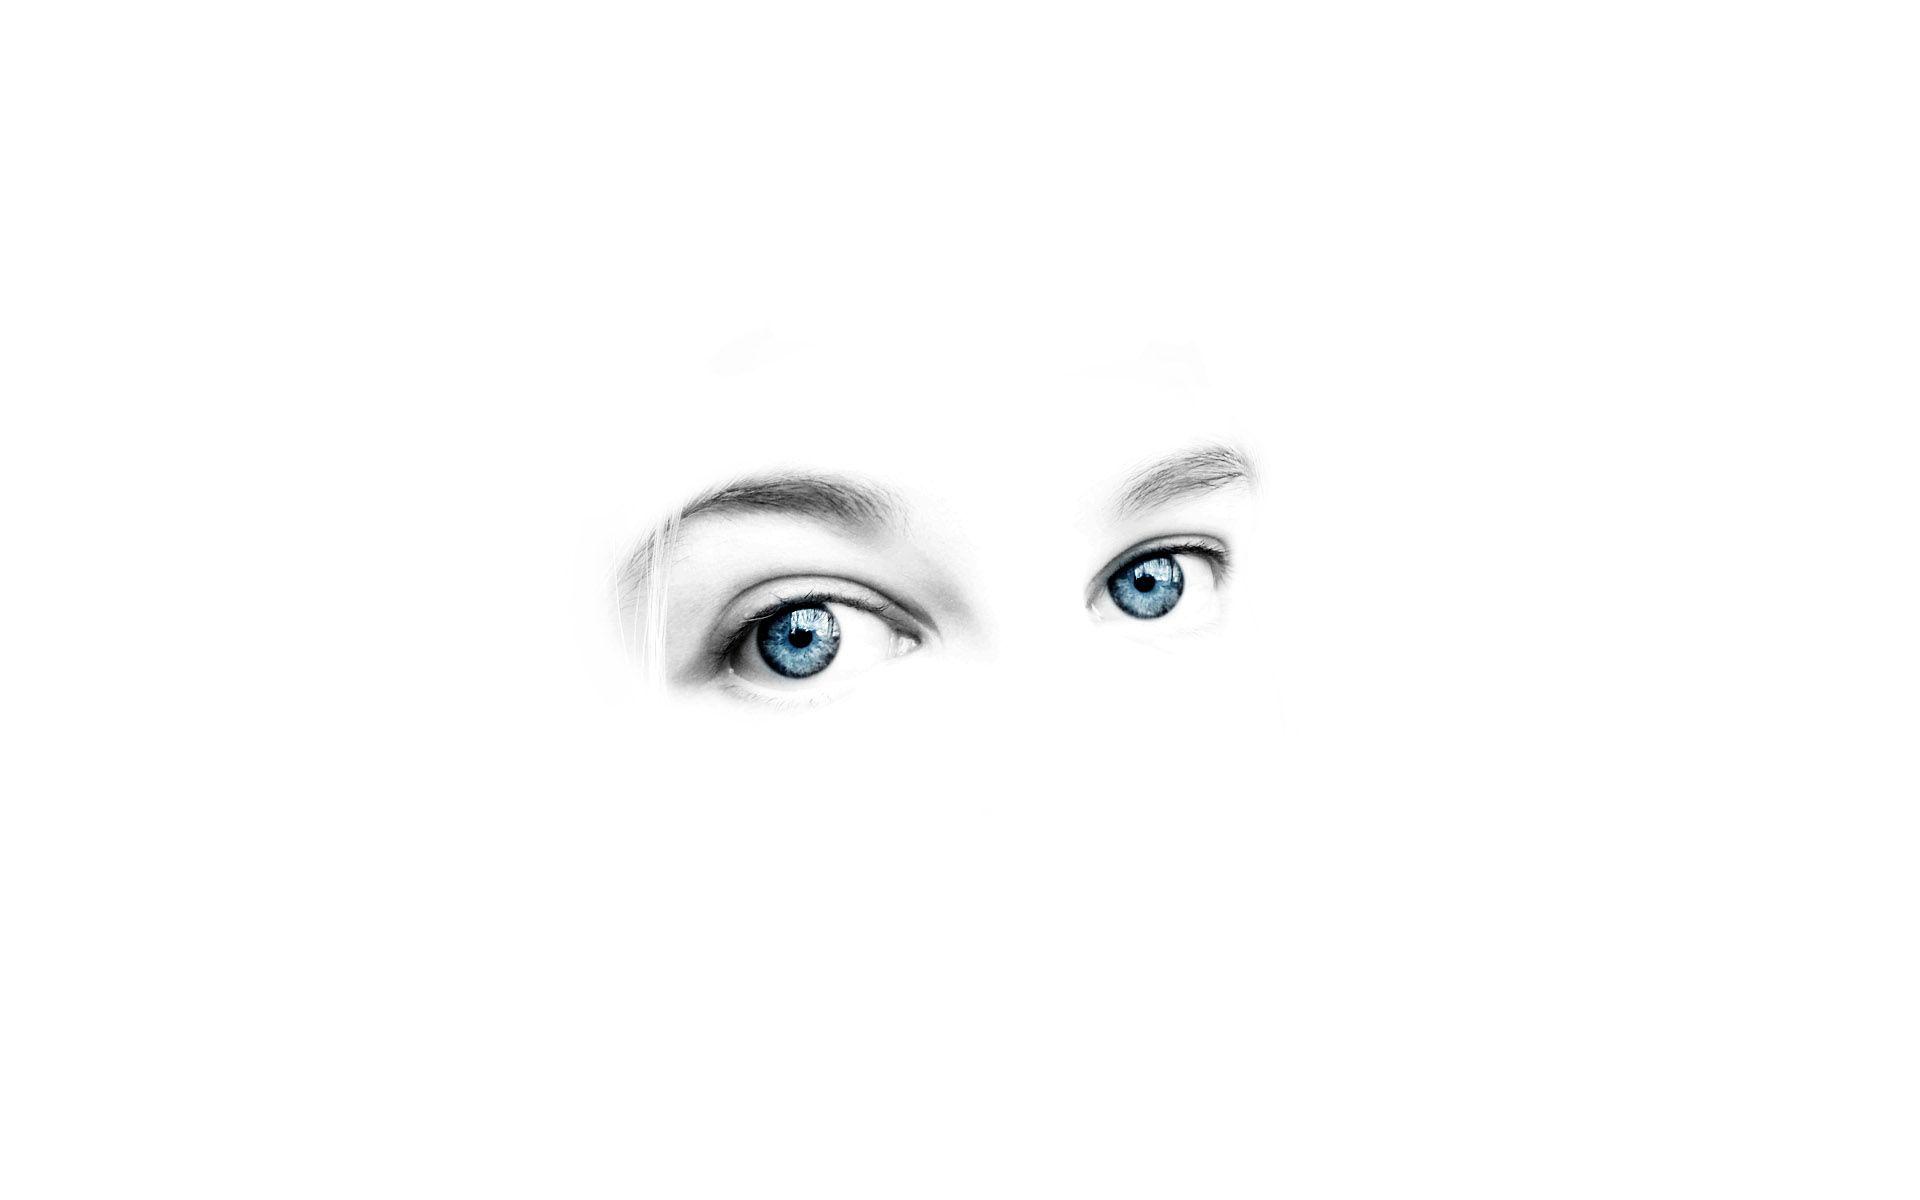 Full Hd White Wallpaper Desktop Eyes Wallpaper White Background